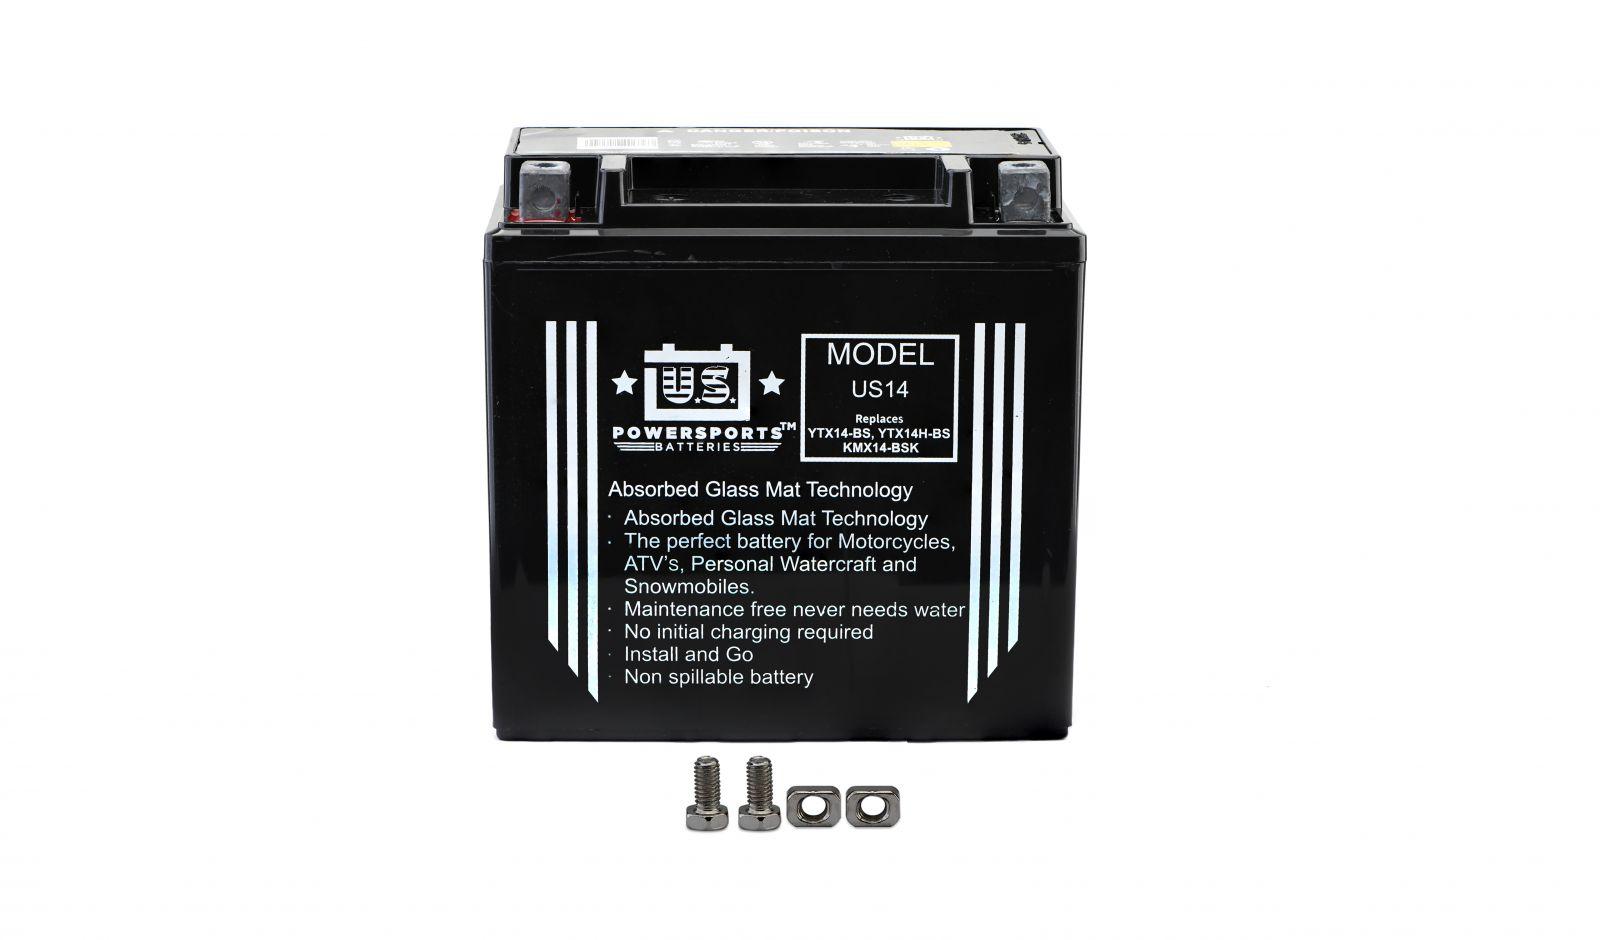 us powersports sealed battery - 501145U image